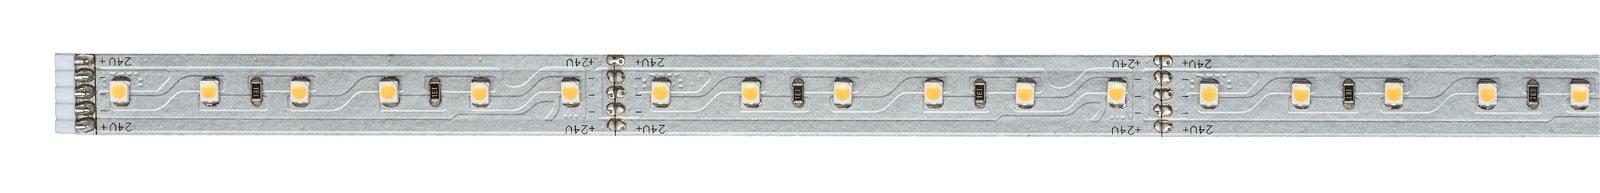 MaxLED 500 LED Strip Warm white 1m 7W 550lm/m 2700K